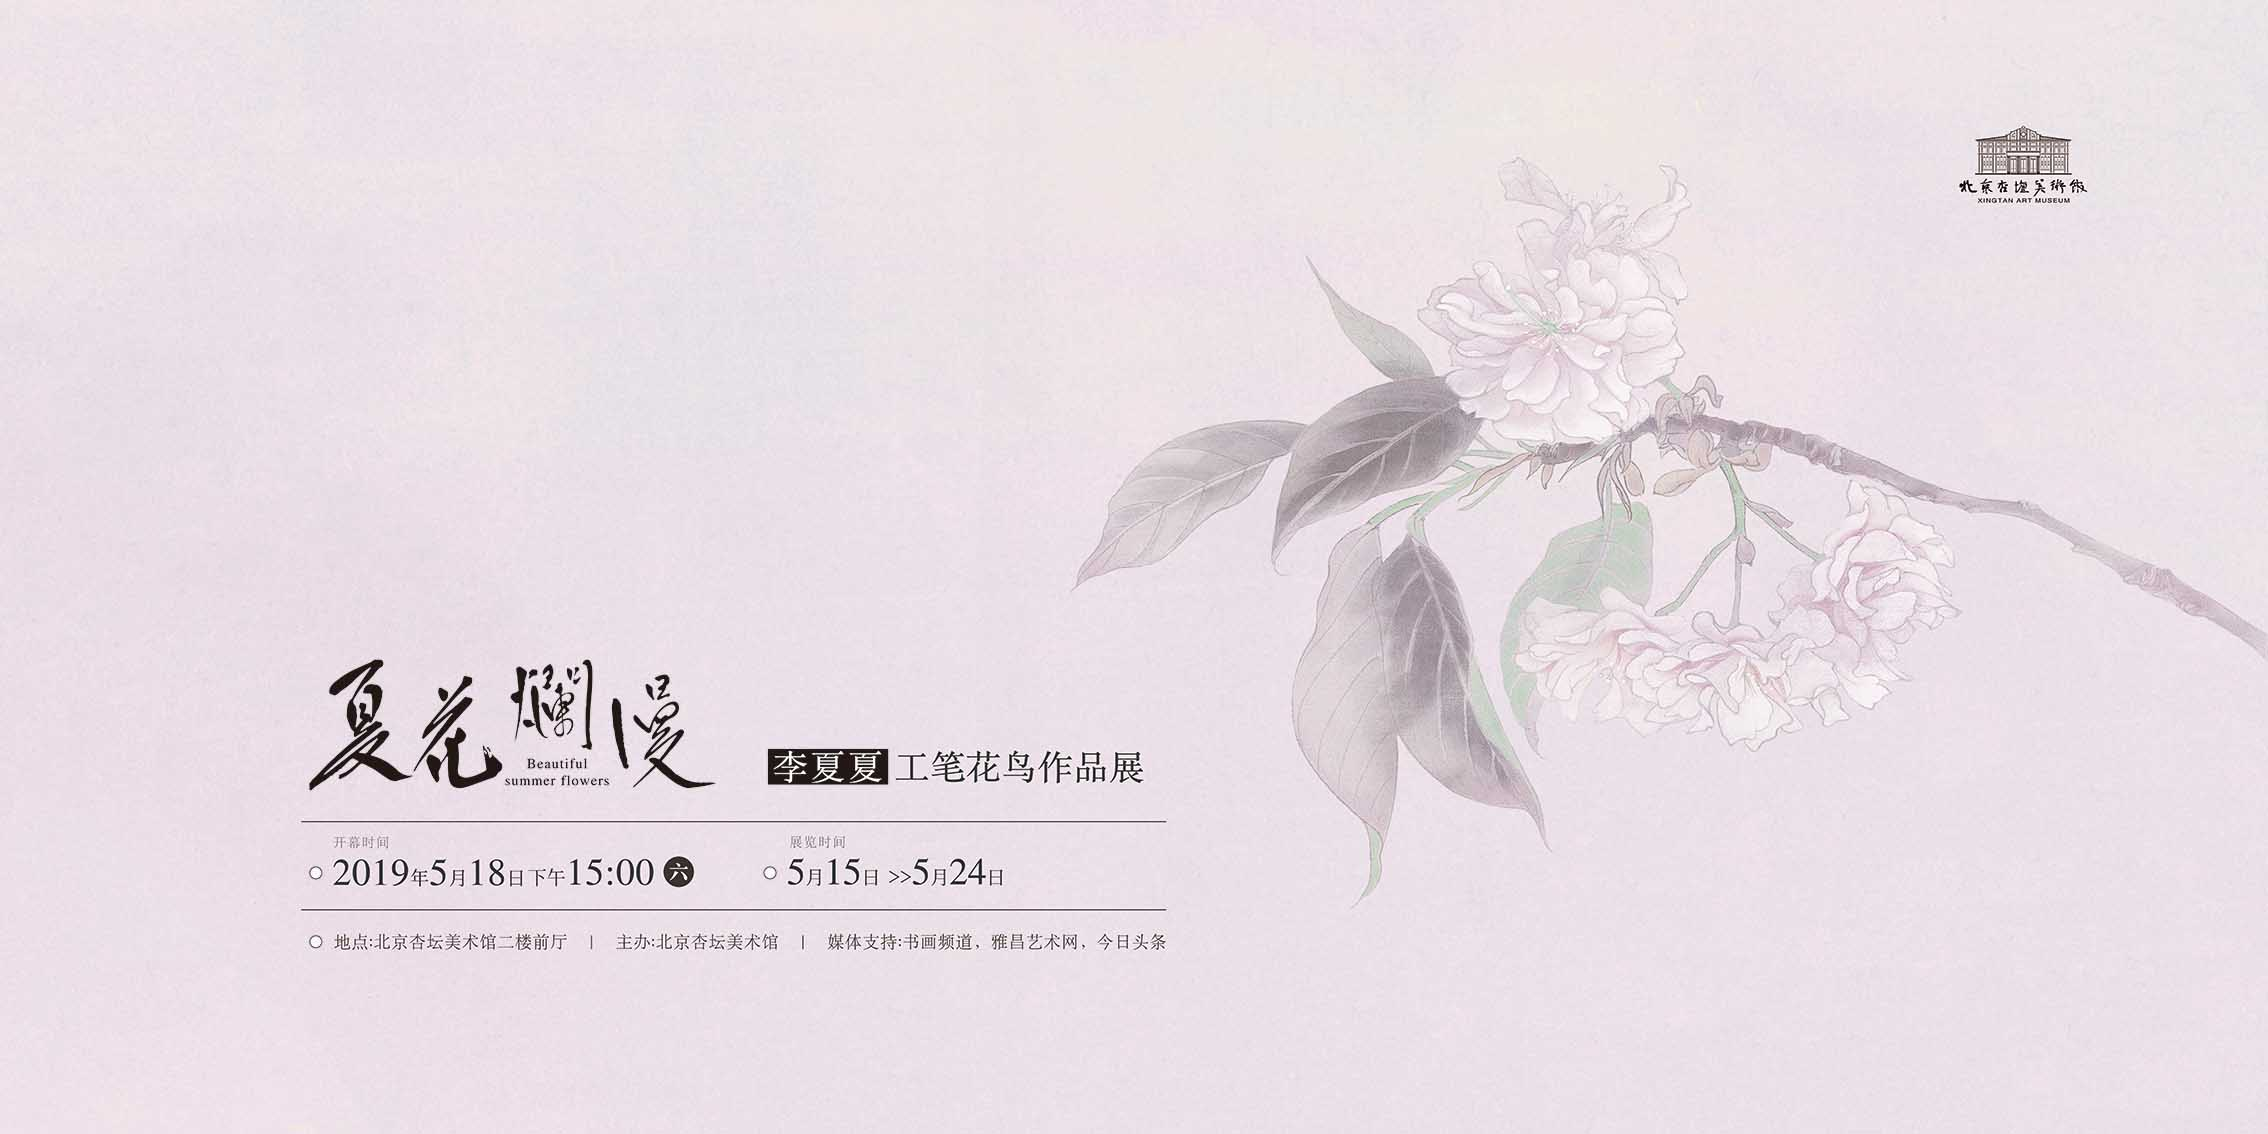 展览预告 | 夏花烂漫——李夏夏工笔花鸟作品展